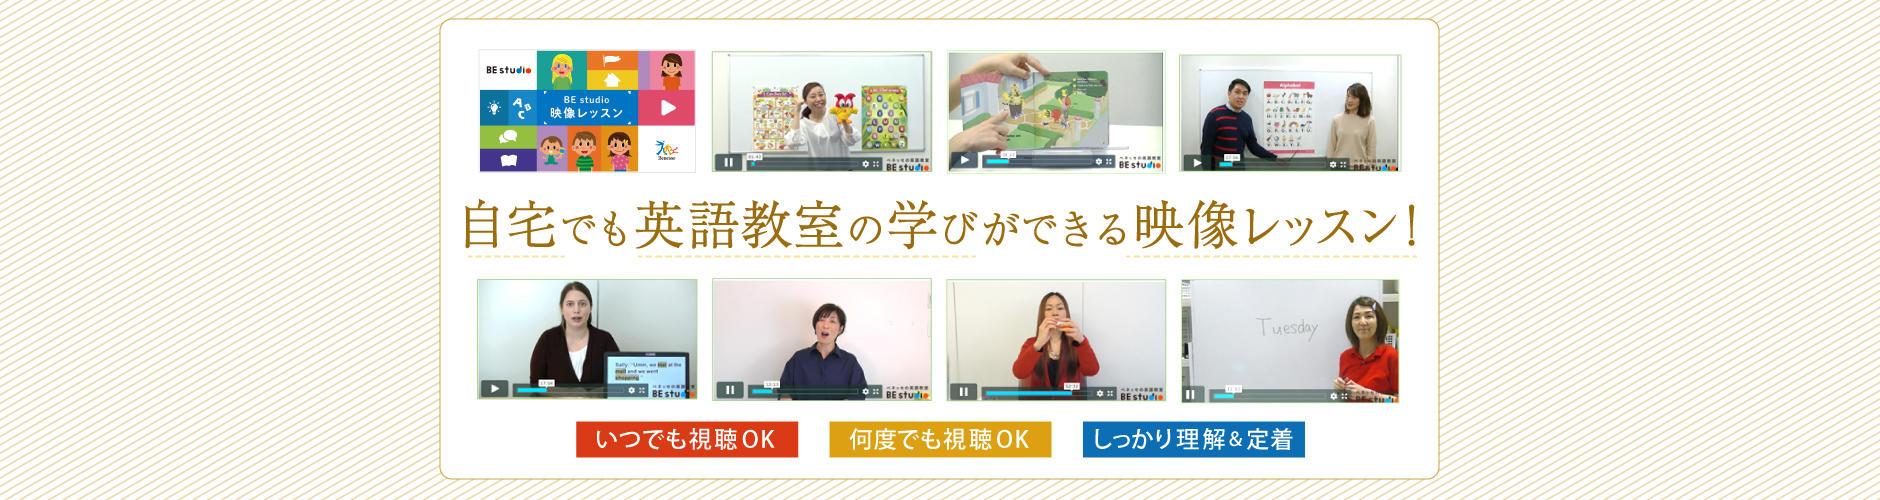 自宅でも英語教室の学びができる映像レッスン!